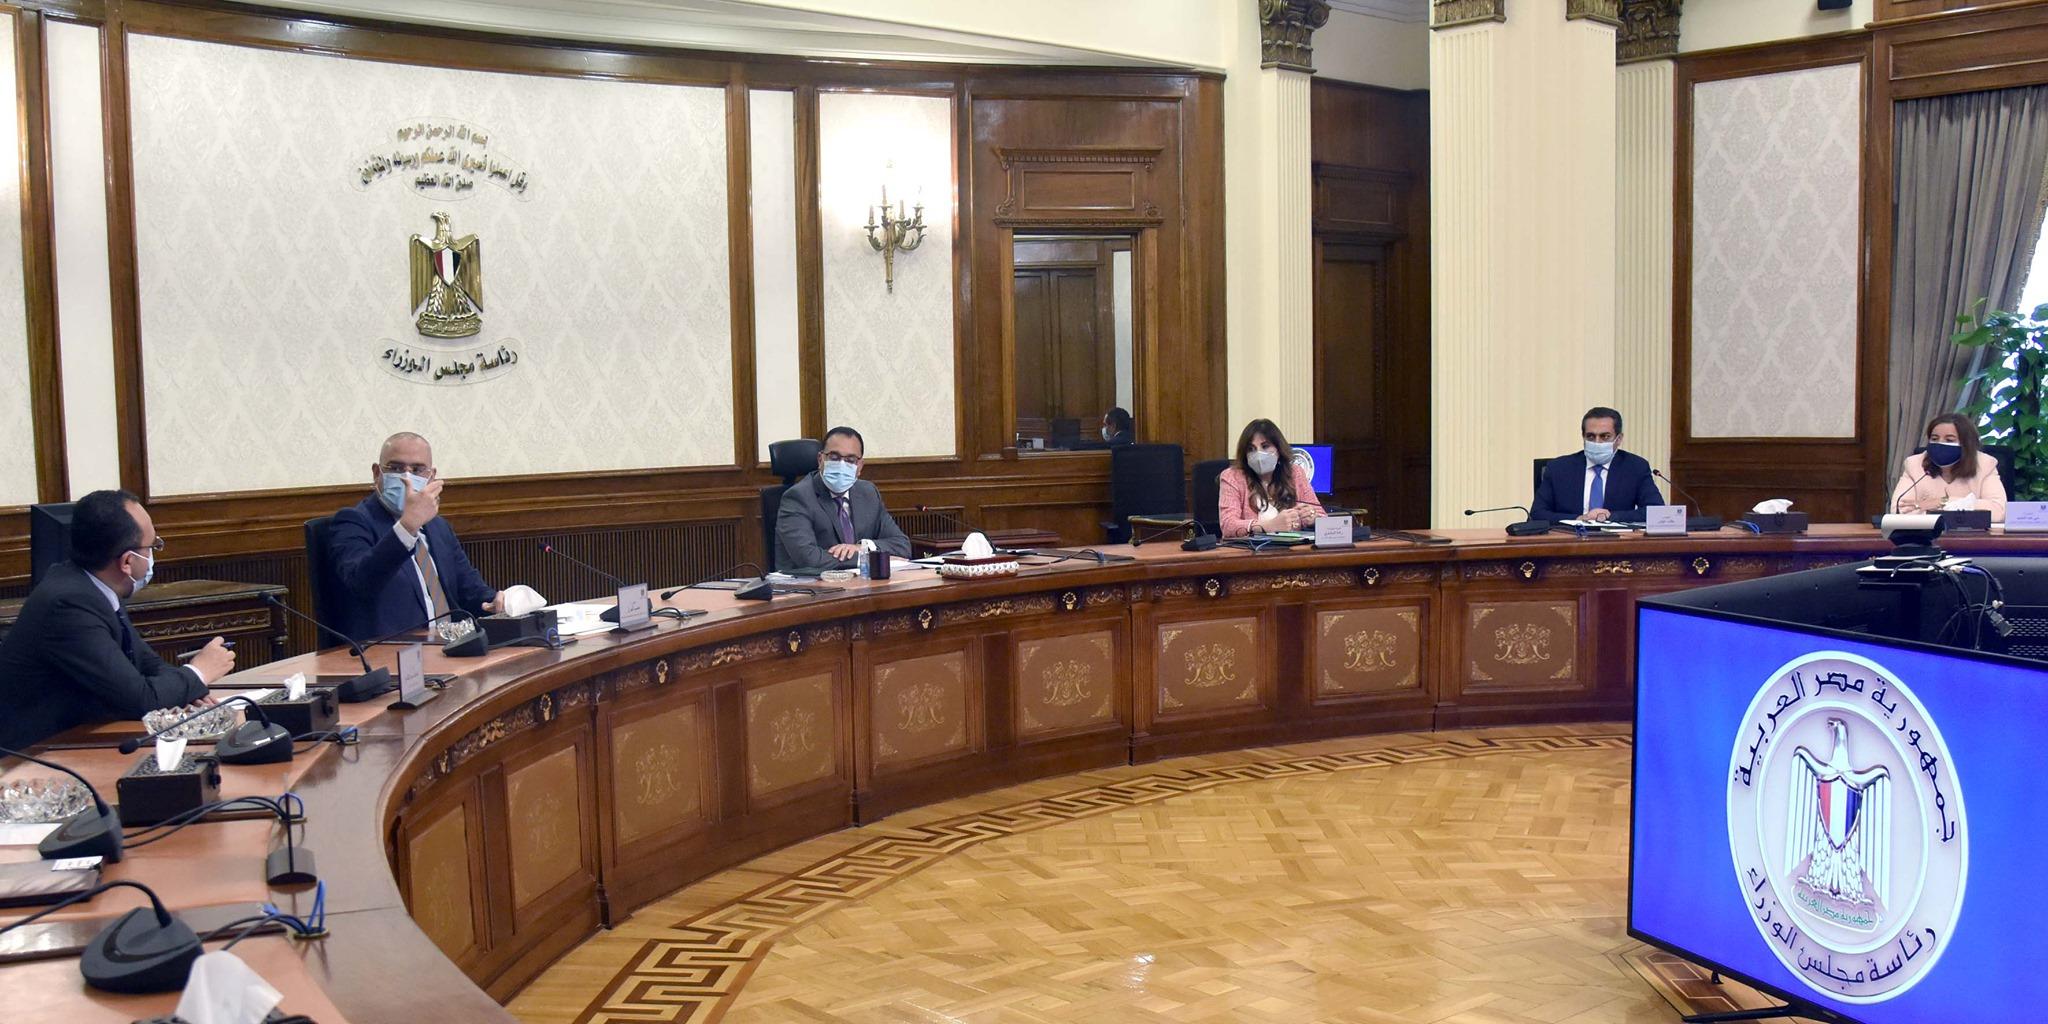 رئيس الوزراء يتابع إجراءات تنفيذ تكليفات الرئيس بشأن مبادرة التمويل العقارى